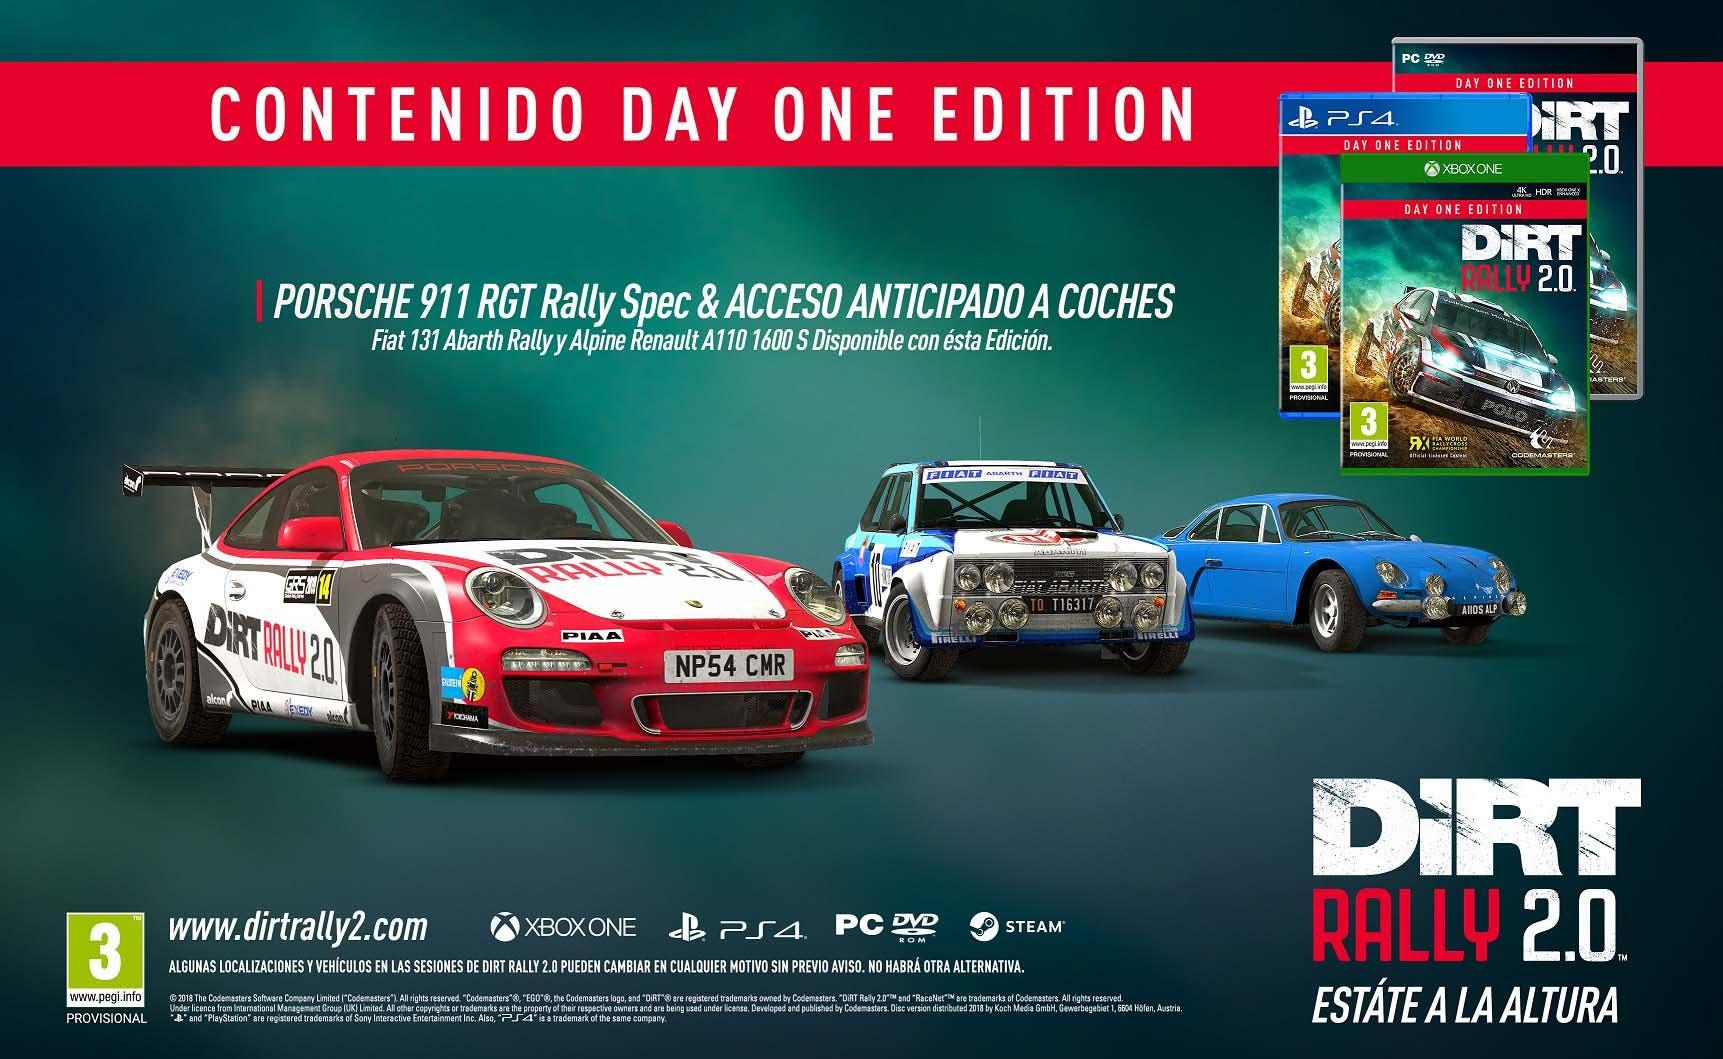 DIRT Rally 2.0 presenta sus bonificaciones por reserva y ediciones 2